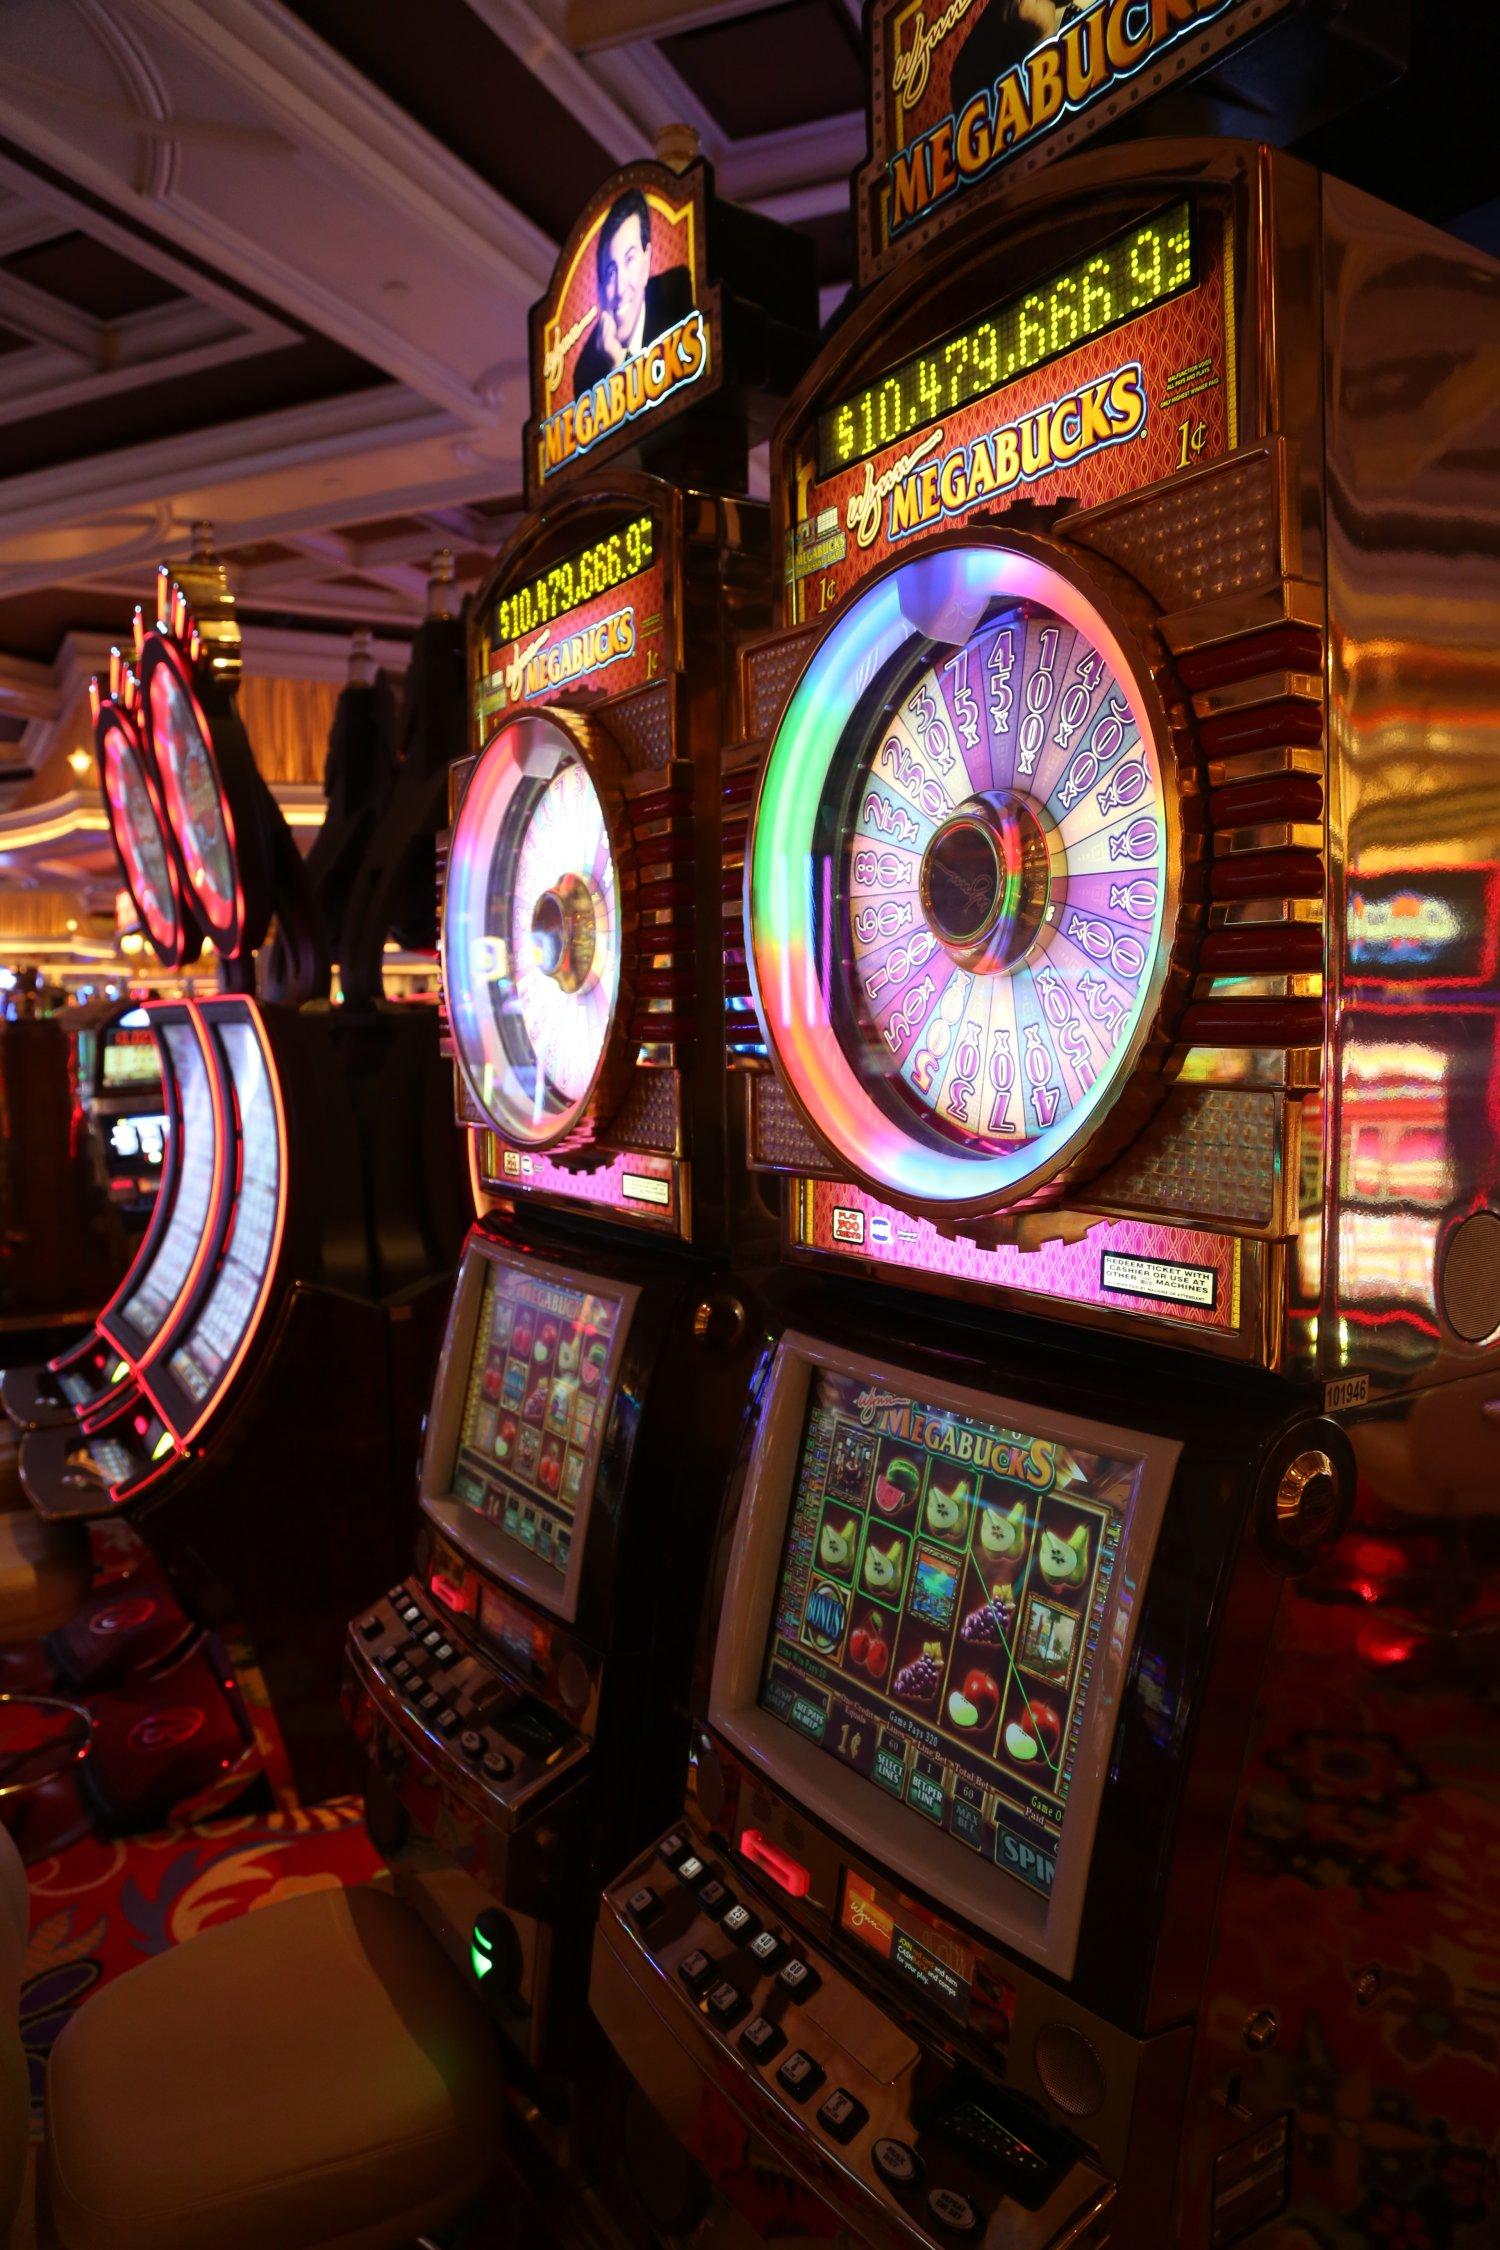 Скачать бесплатно игру казино на компьютер